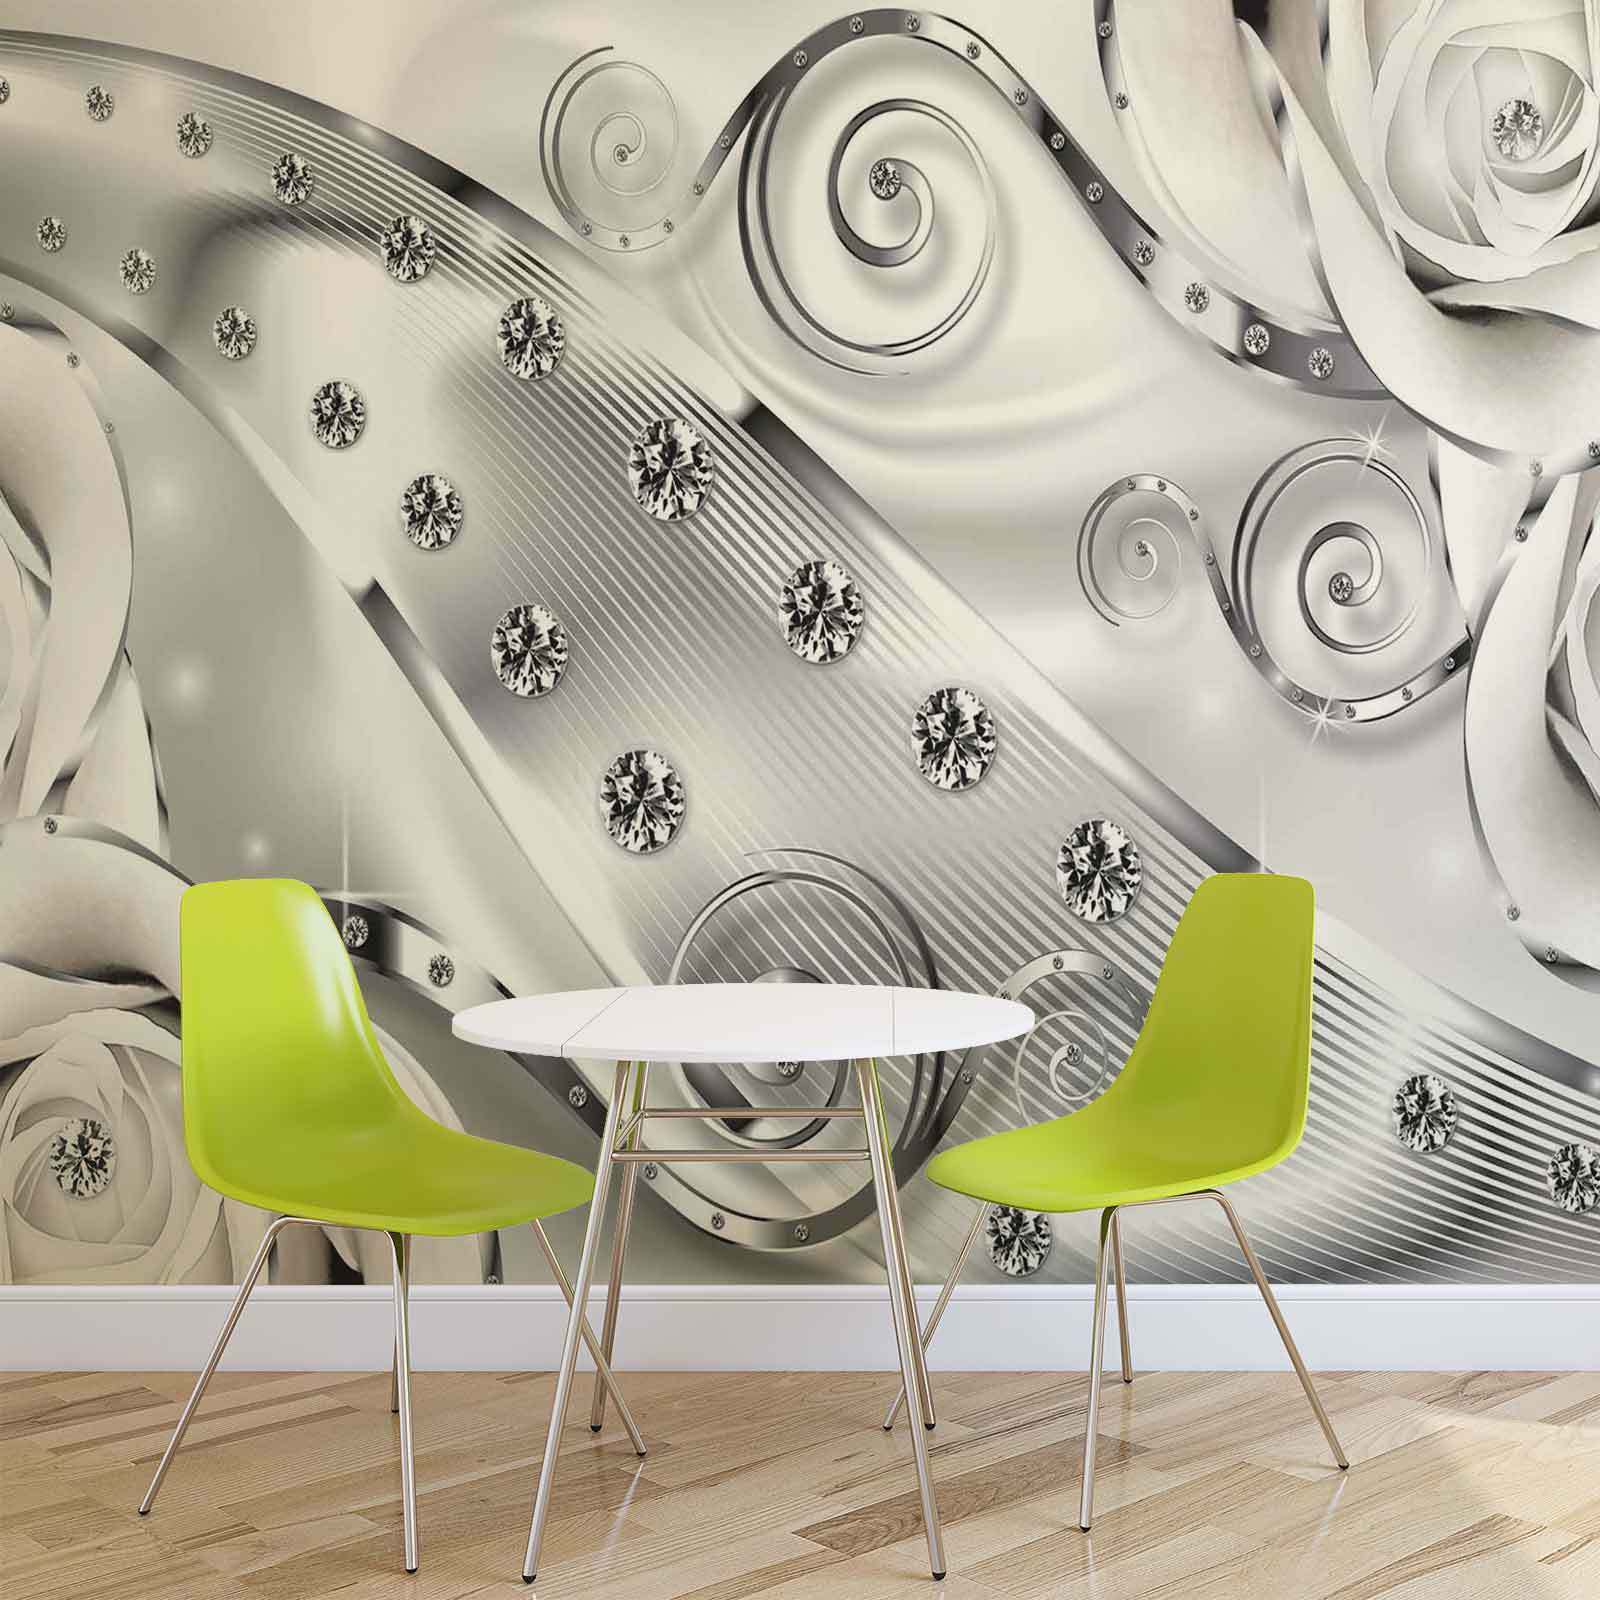 VLIES FOTOTAPETE Zusammenfassung Moderne Blumen Silber TAPETE MURAL (2613FW)